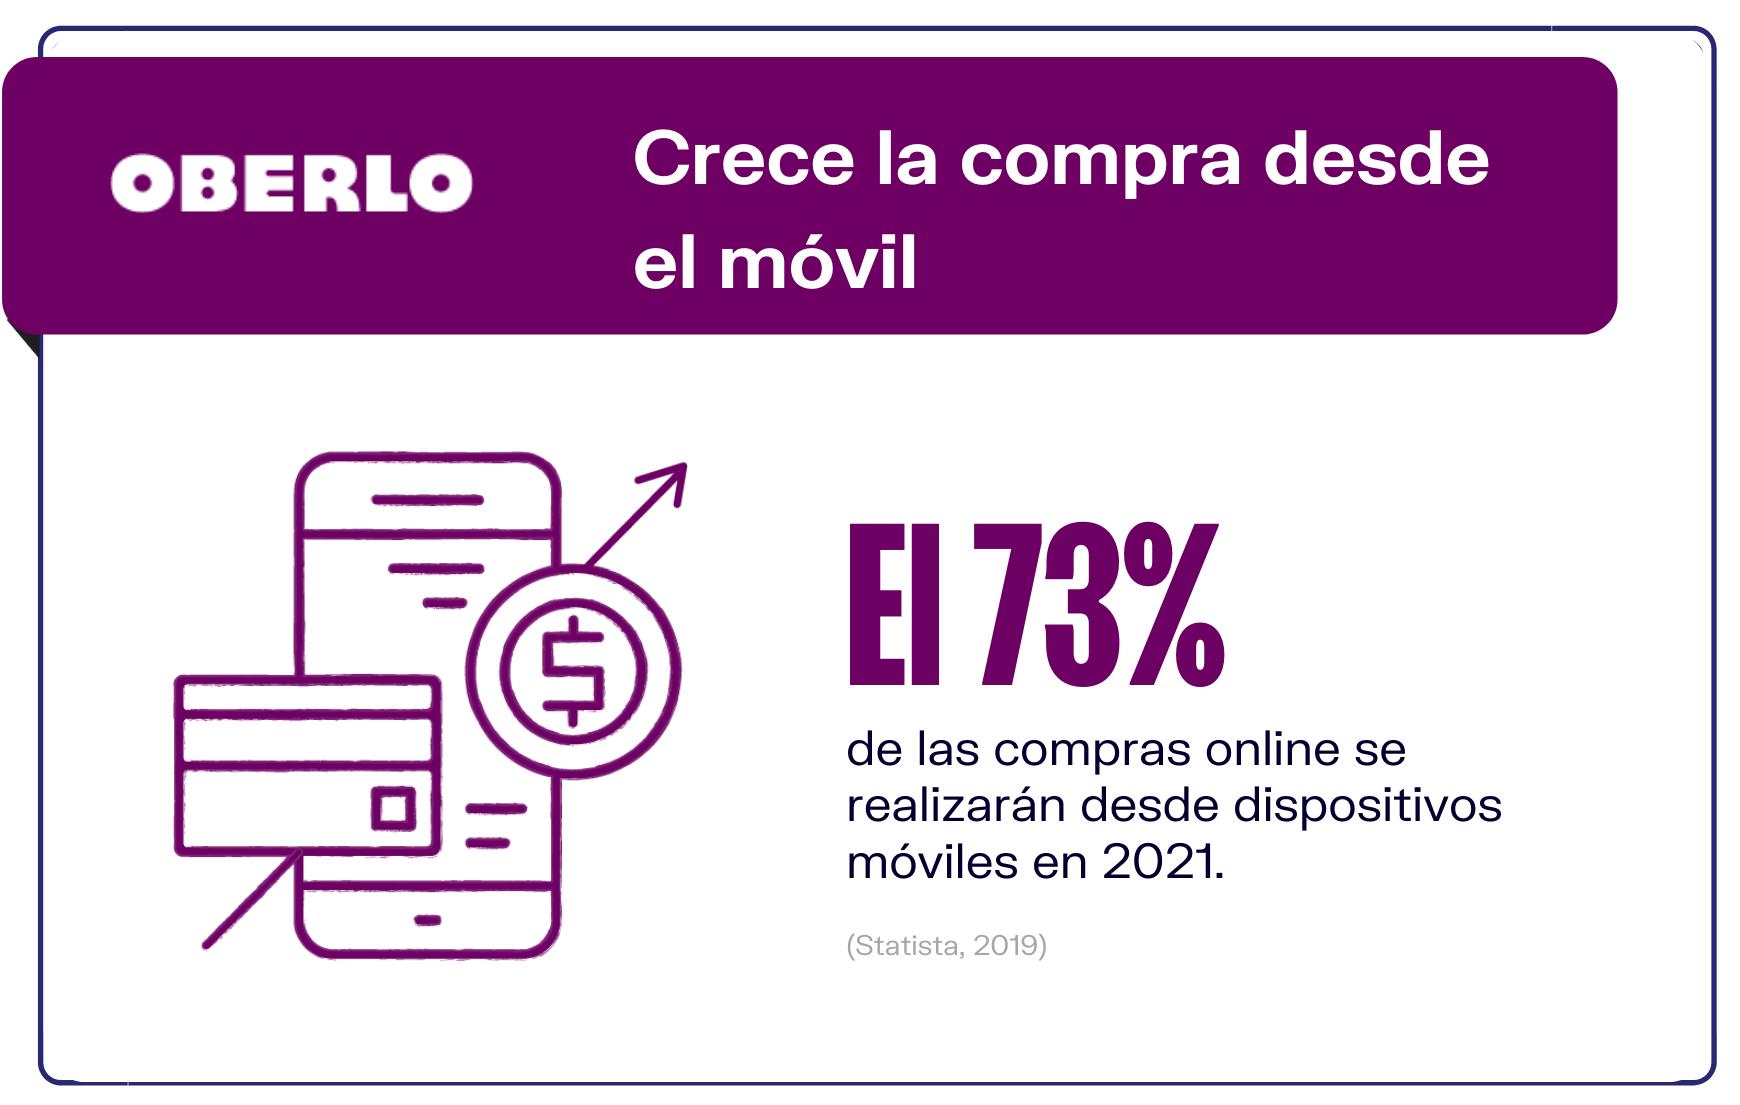 3-Tendencias-globales-del-comercio-electrónico-aumentan-compras-desde-dispositivos-móviles